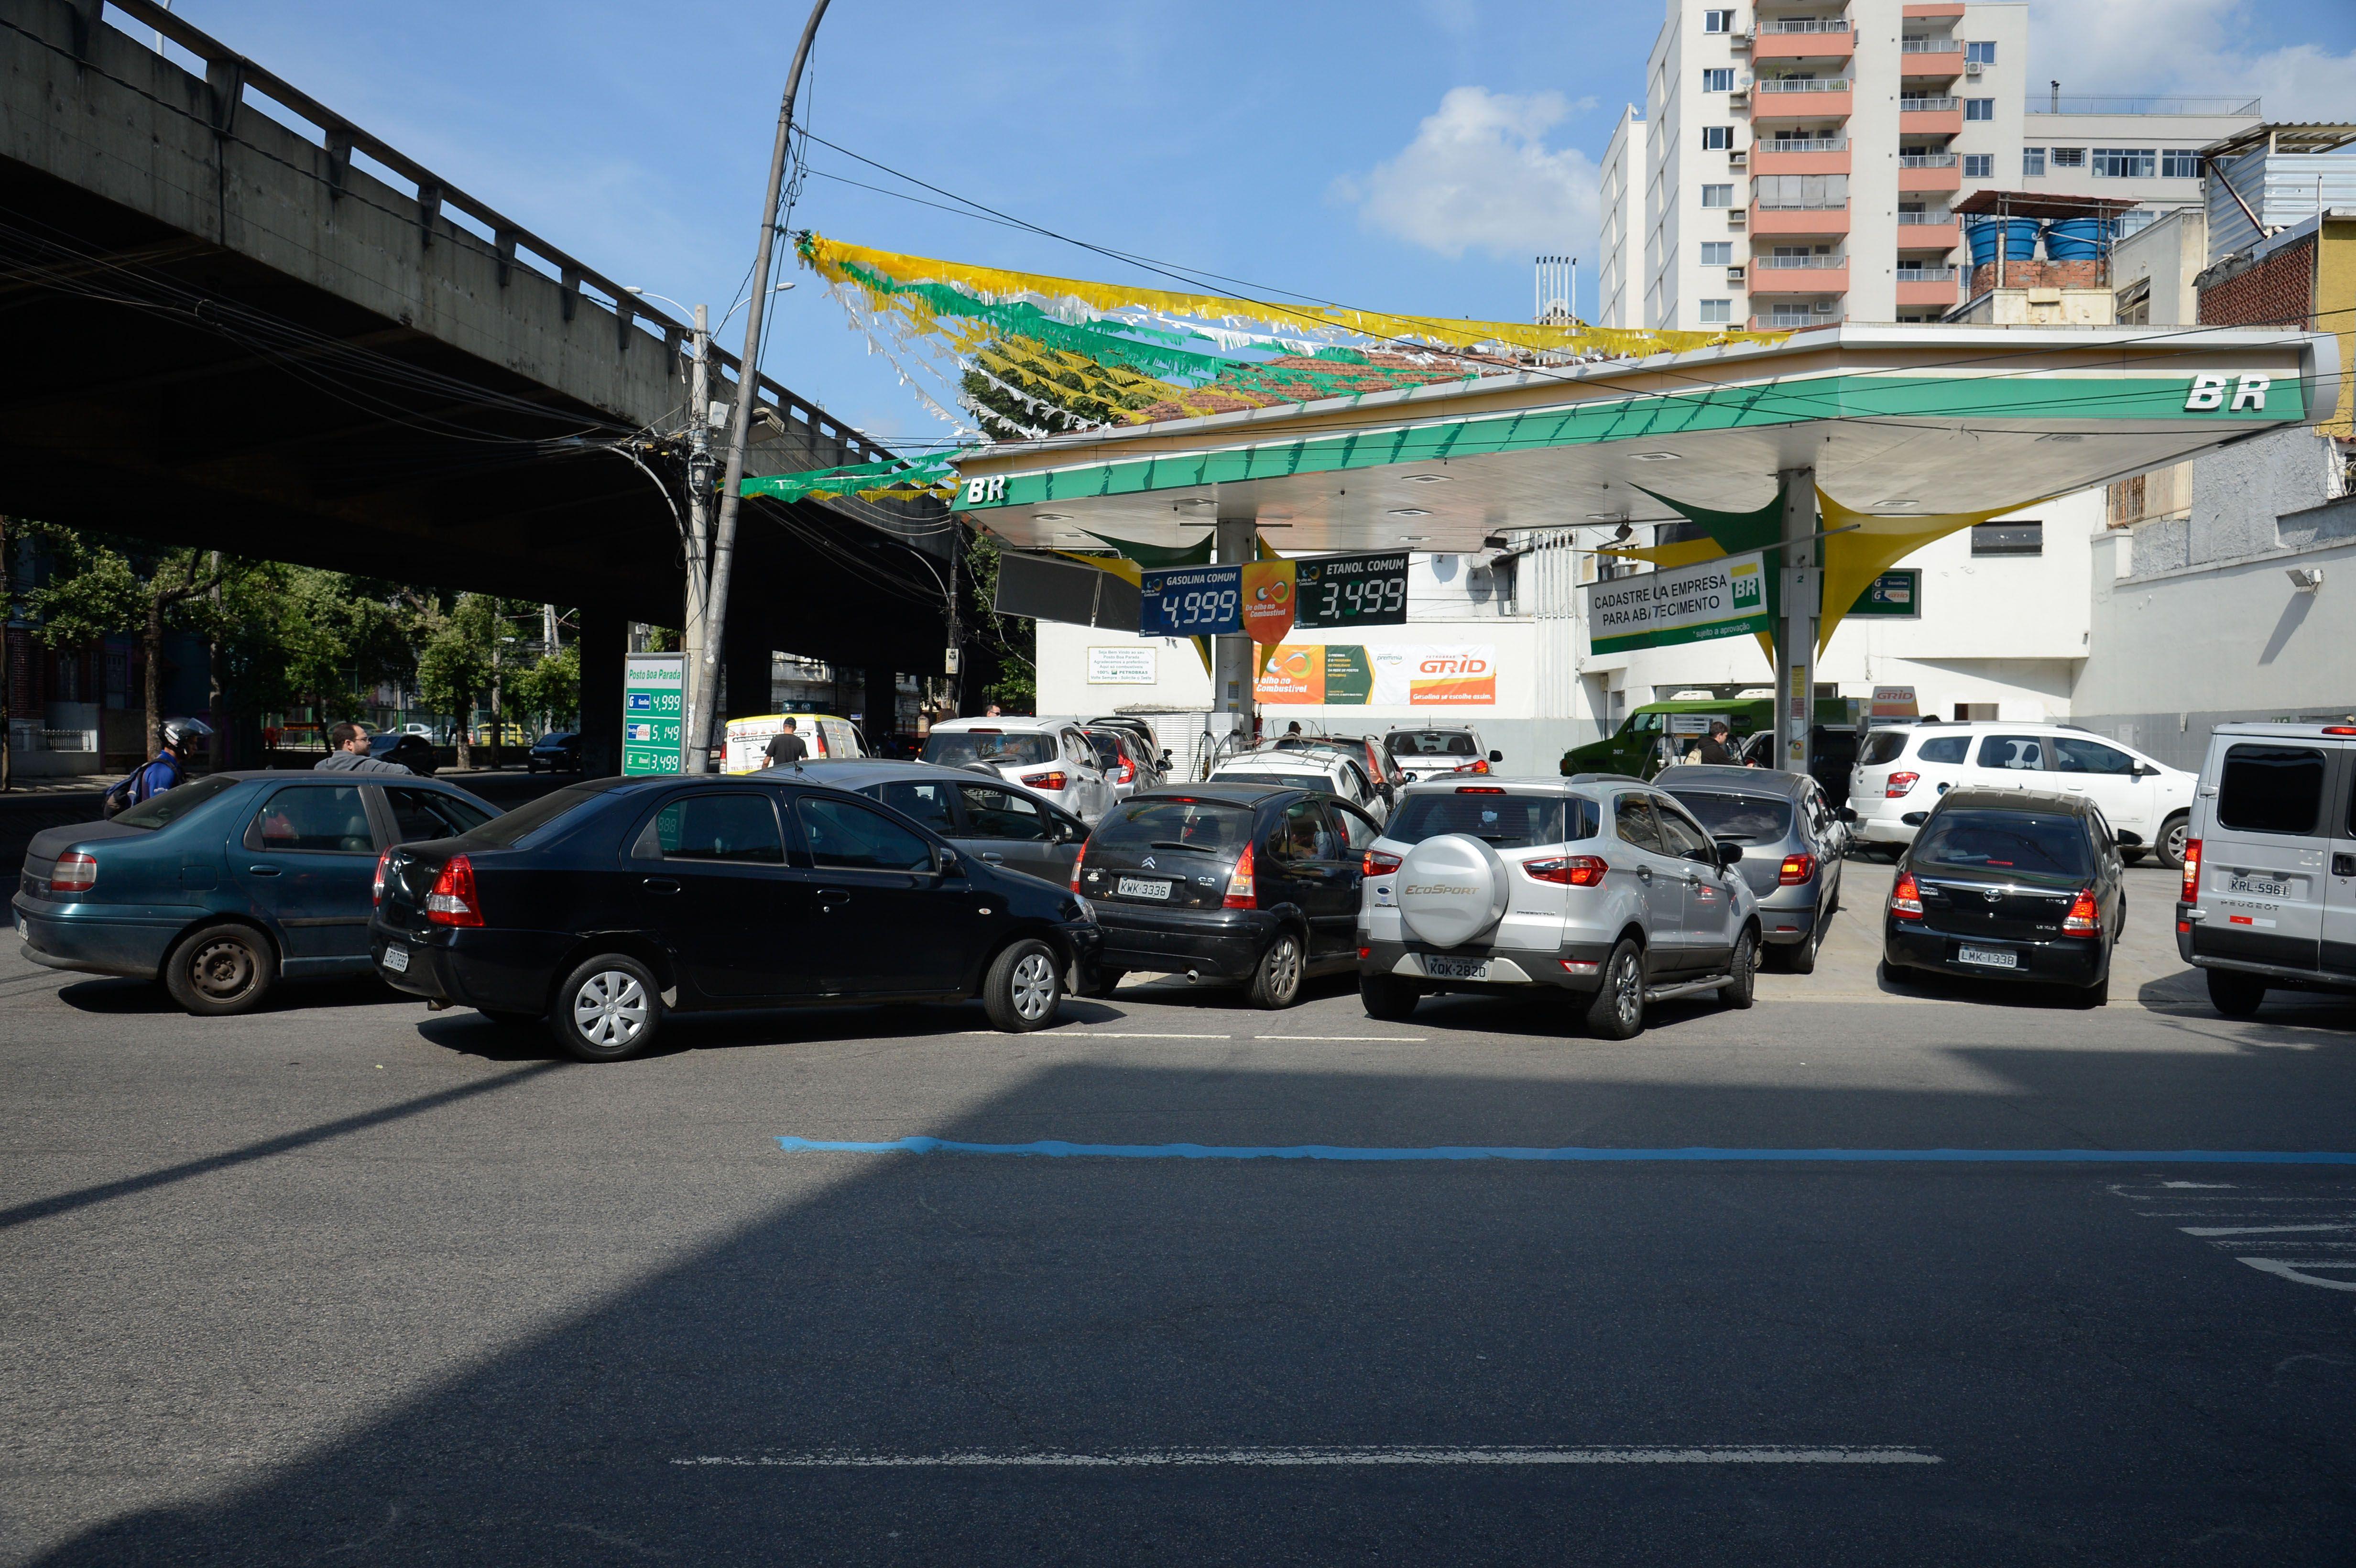 Greve de caminhoneiros provoca fila para abastecimento de combustível em posto de gasolina no Rio de Janeiro.Foto Tomaz Silva/Agência Brasil